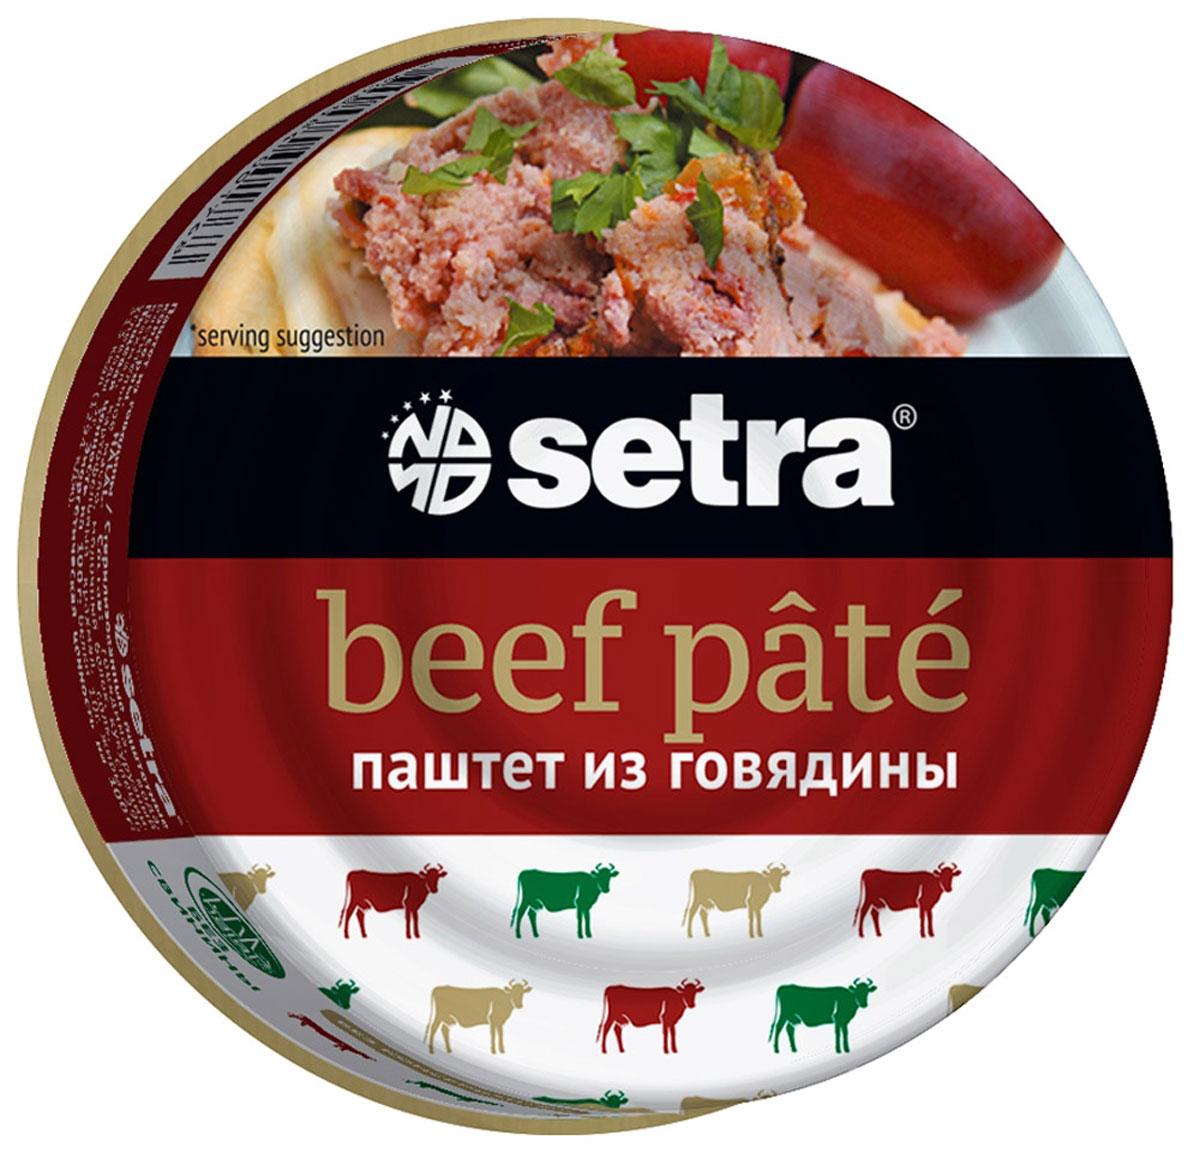 Setra паштет из говядины, 100 г setra паштет утиный 100 г